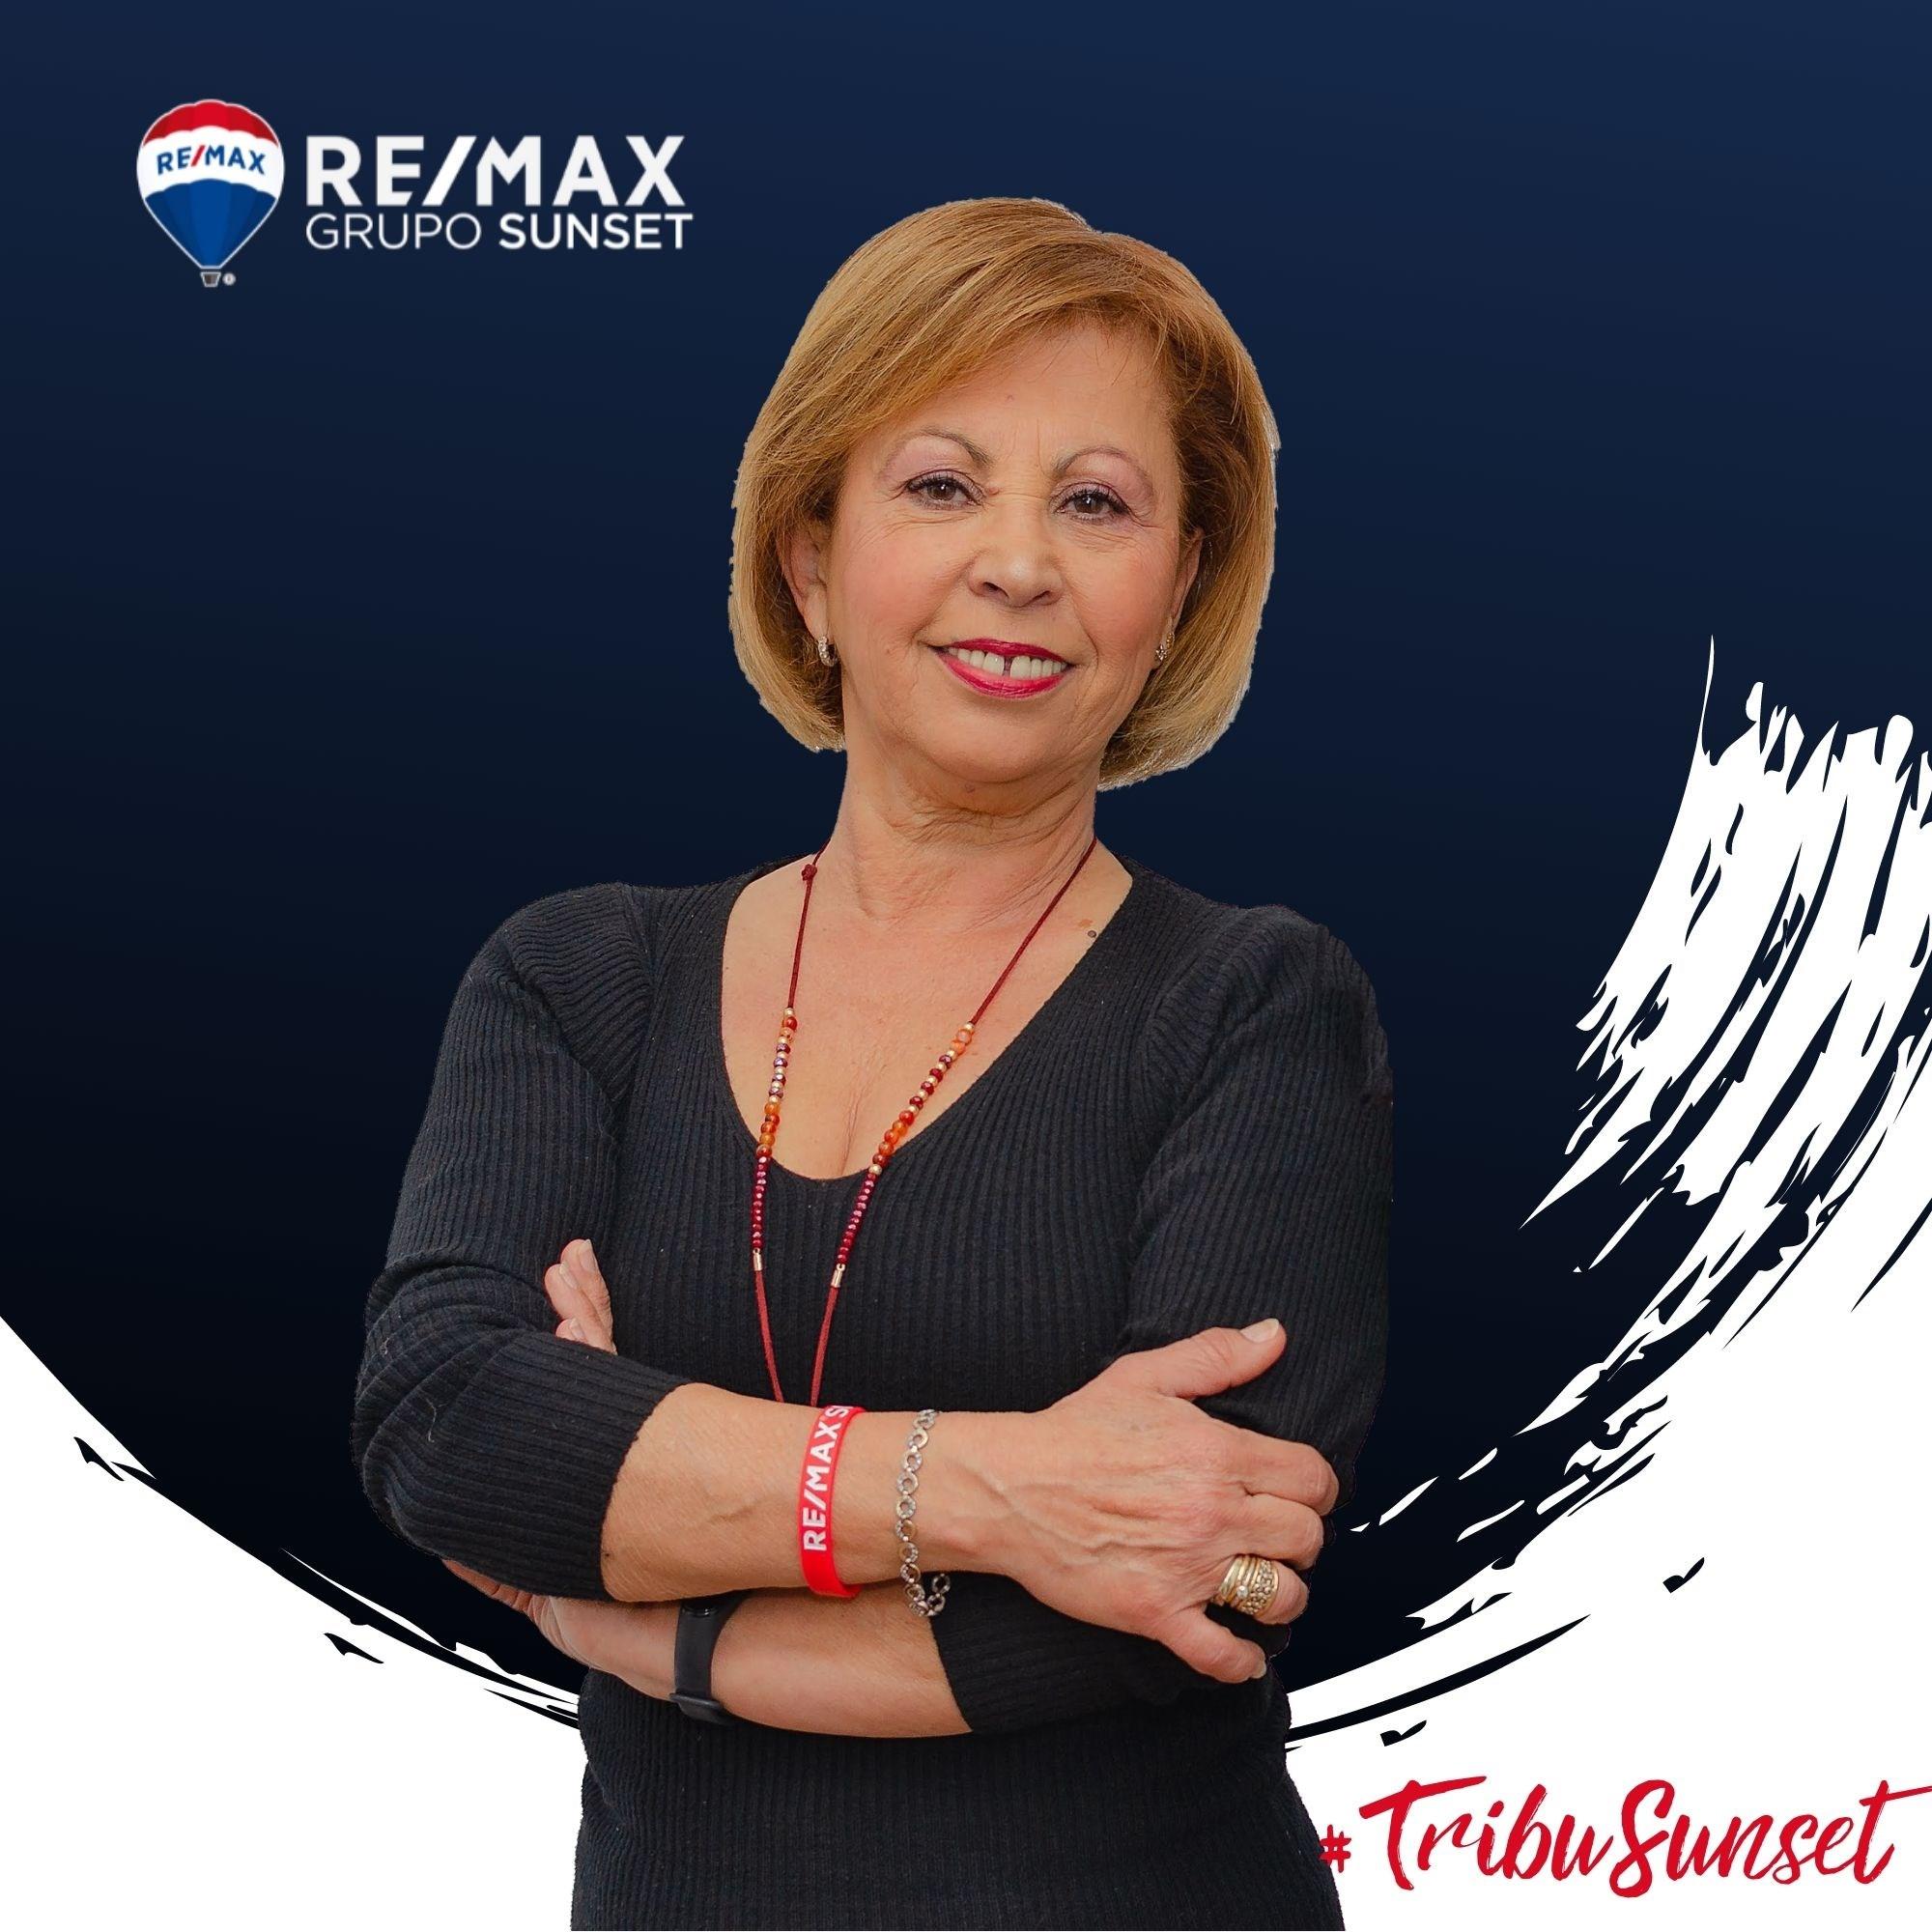 Carmen Rico